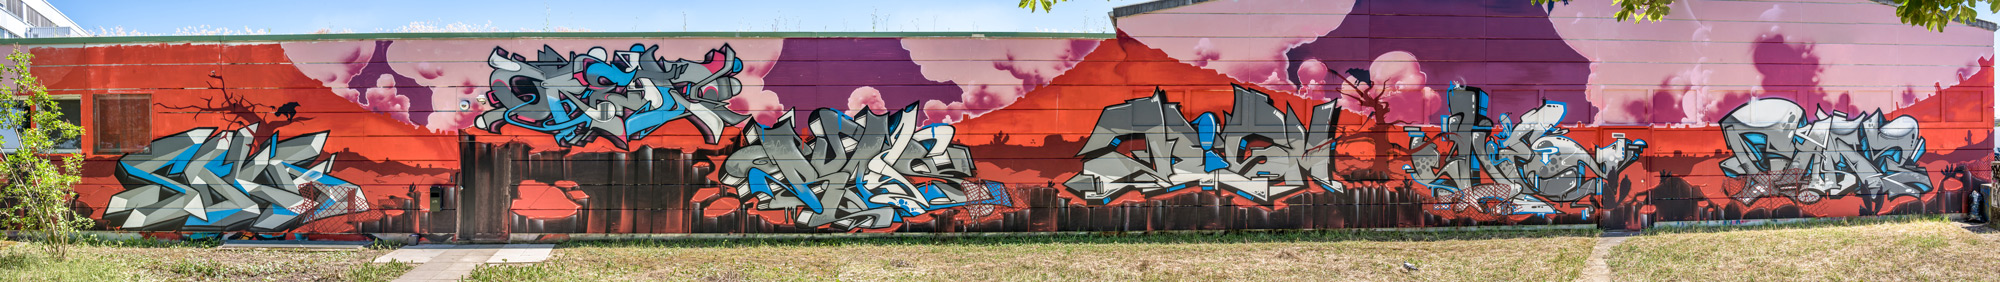 urban_heart_basel_mtn_mural